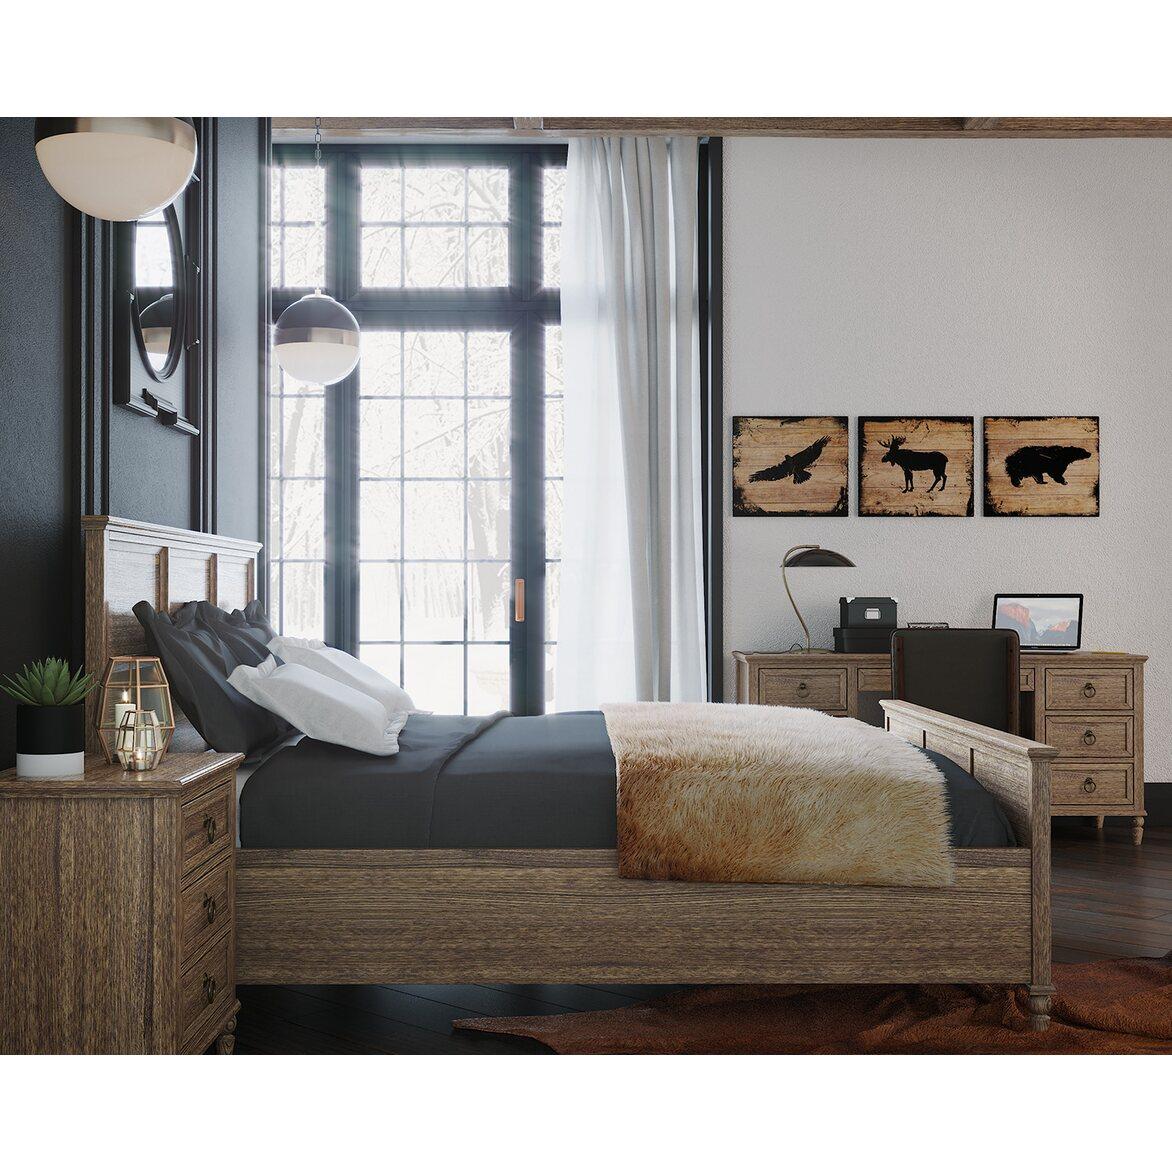 Кровать Vilton дуб, с изножьем 5 | Двуспальные кровати Kingsby